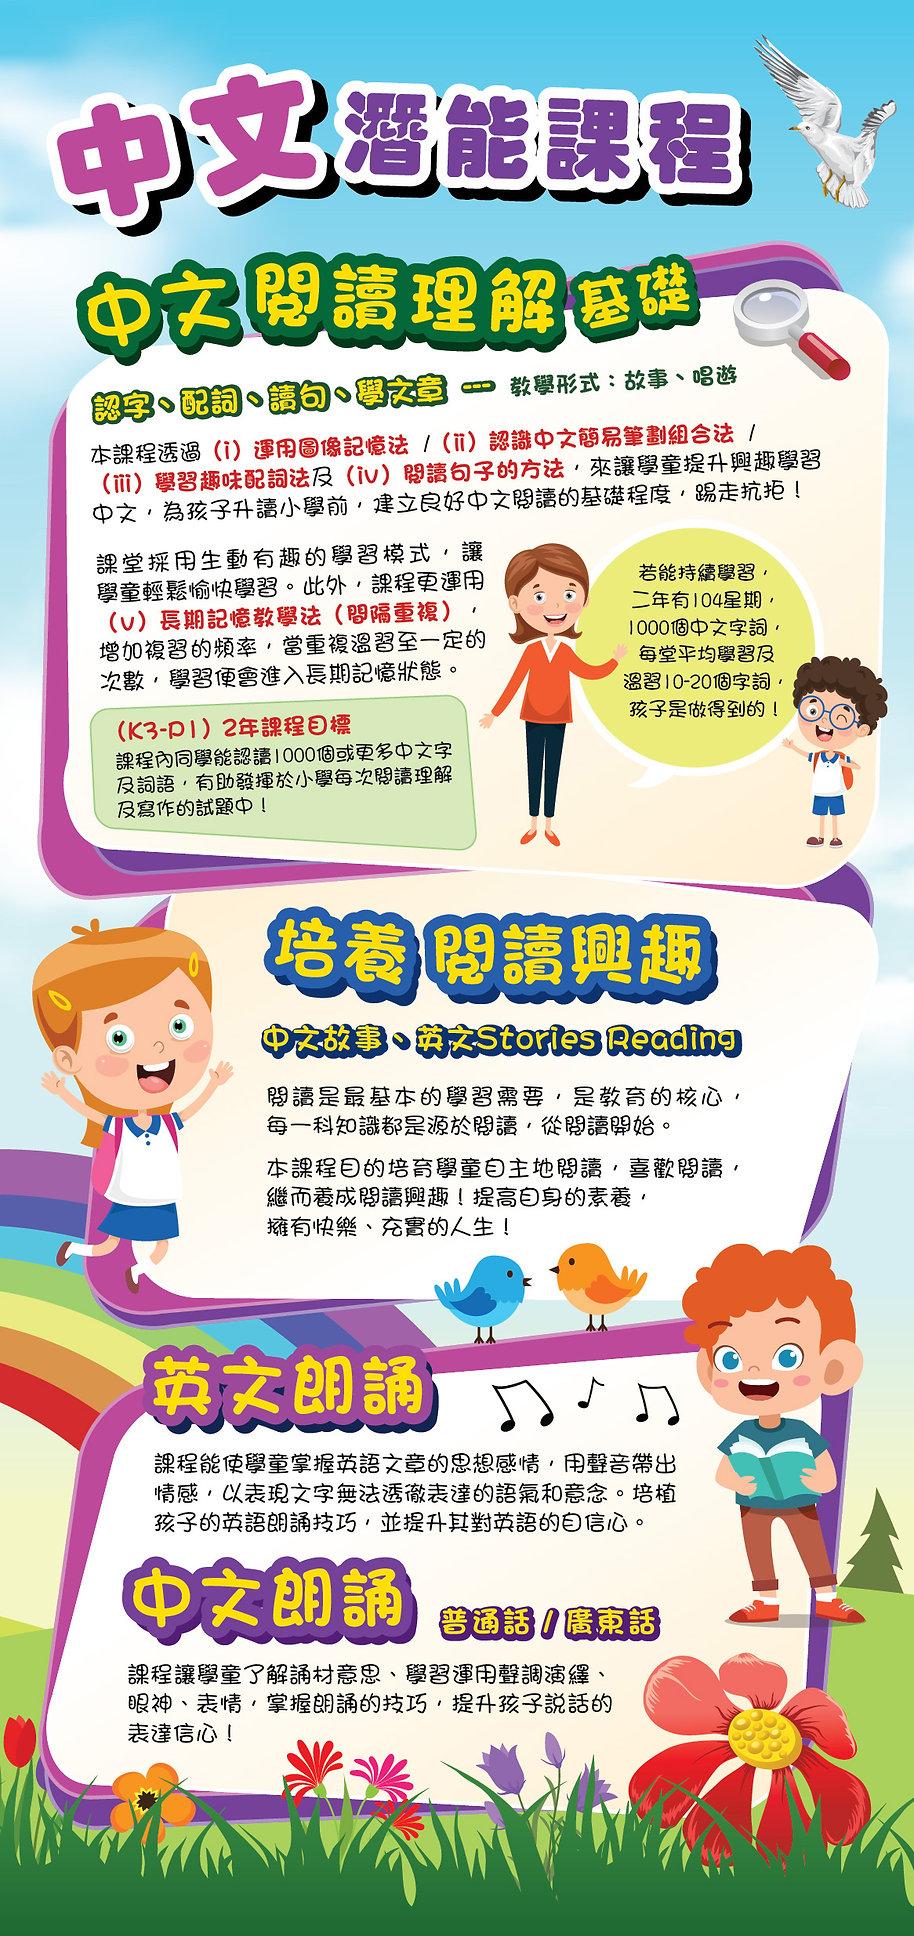 智趣星 leaflet-04.jpg